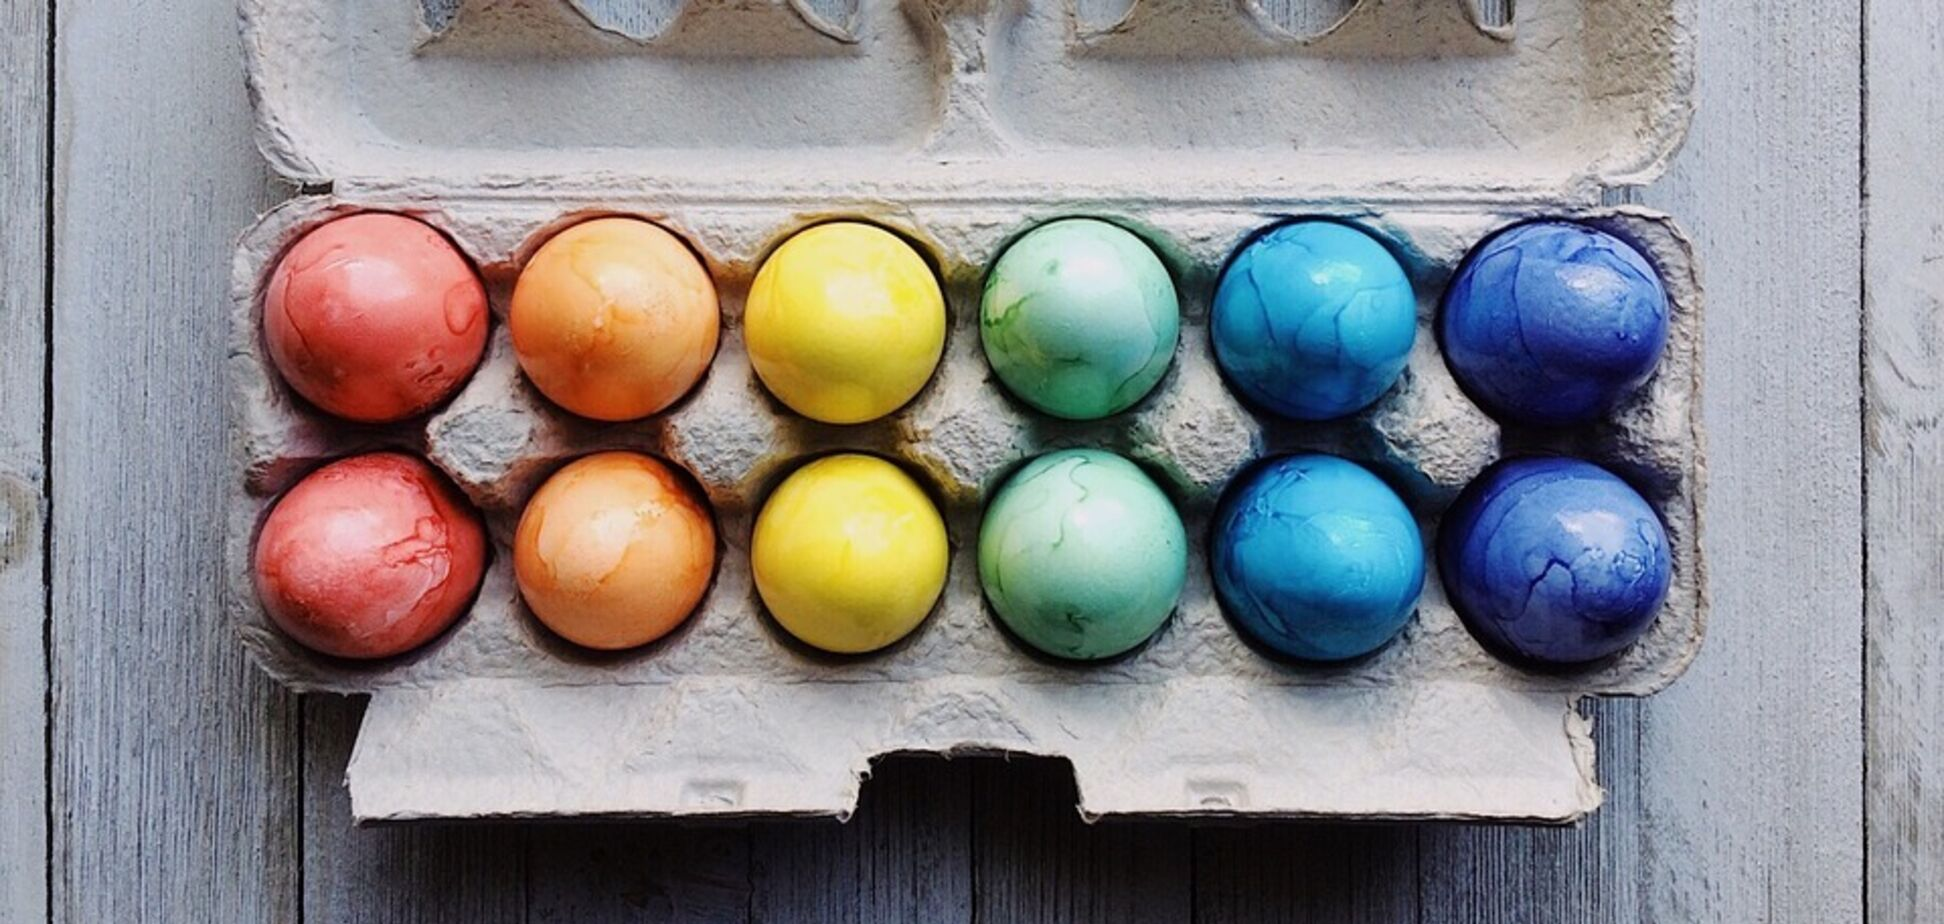 Готуємося до Великодня: як зробити яскраві крашанки без хімічних барвників